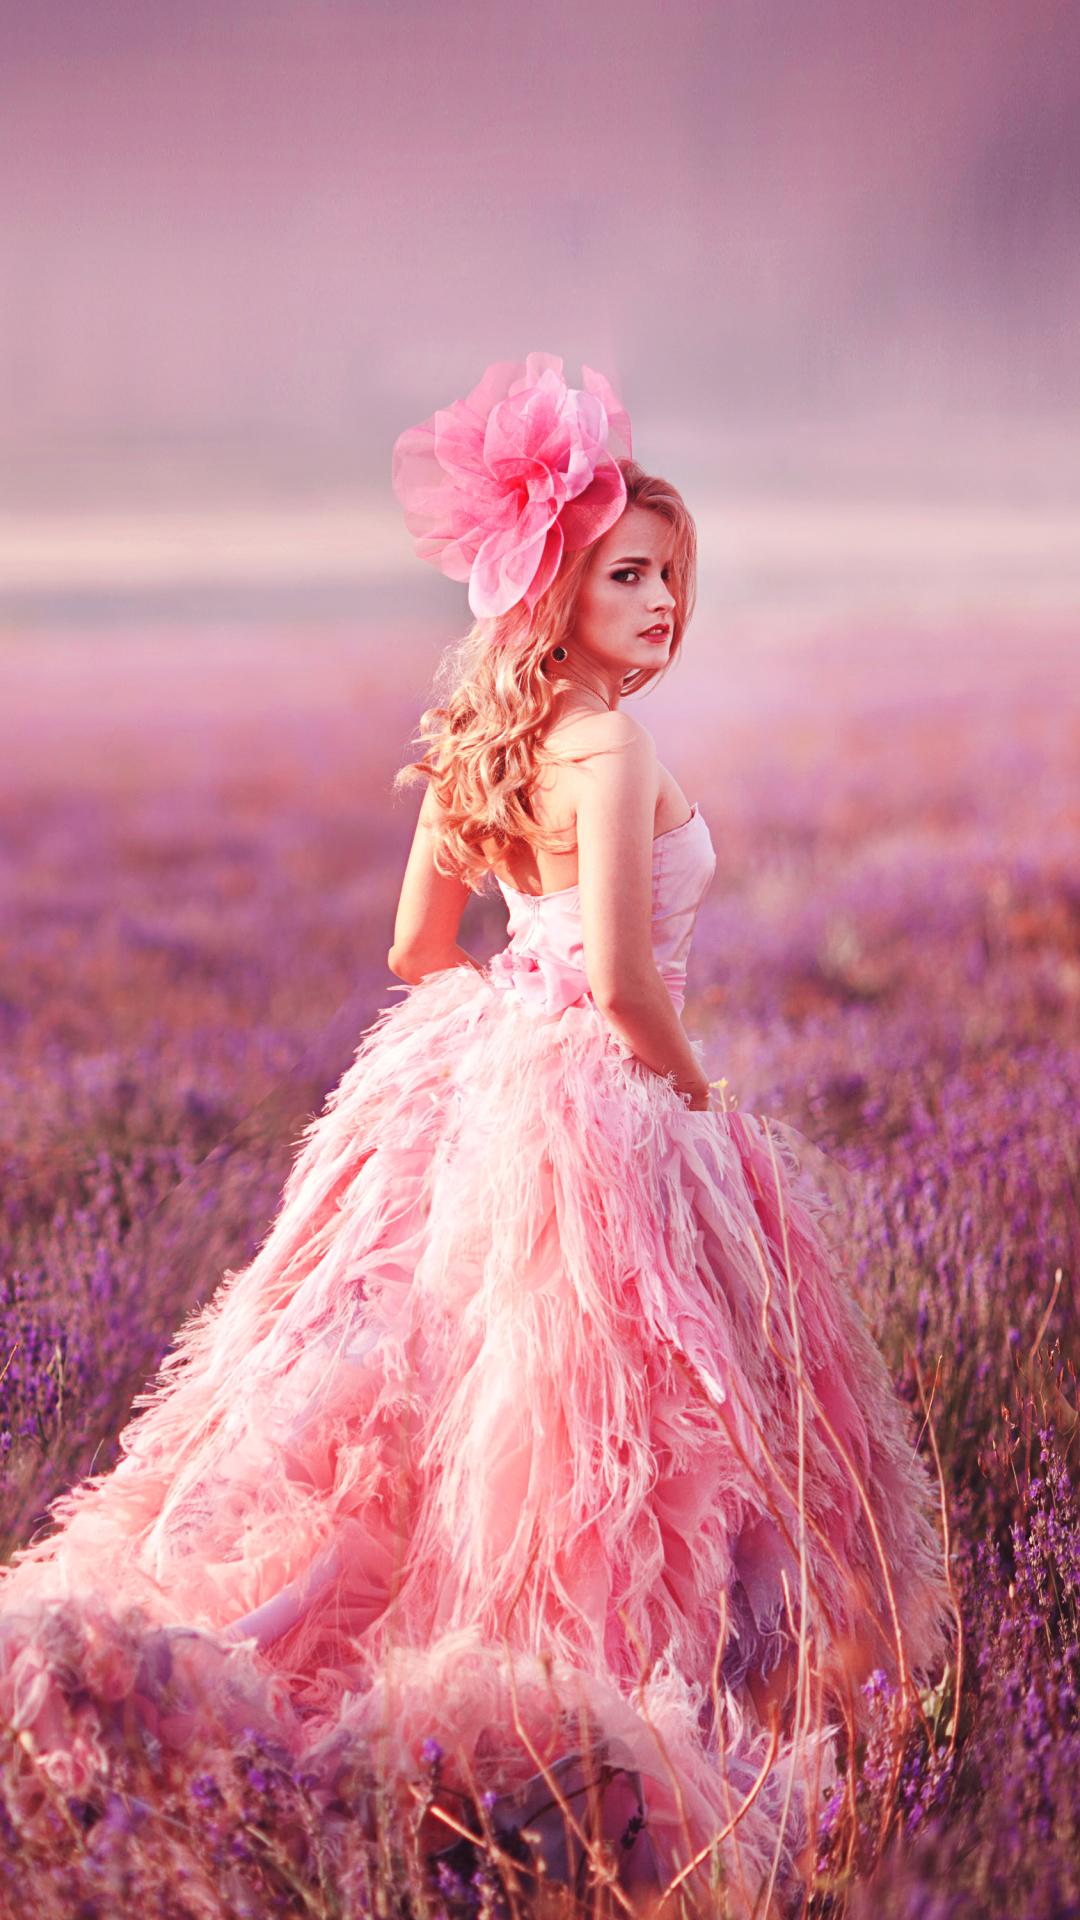 美女 唯美 婚纱 粉色